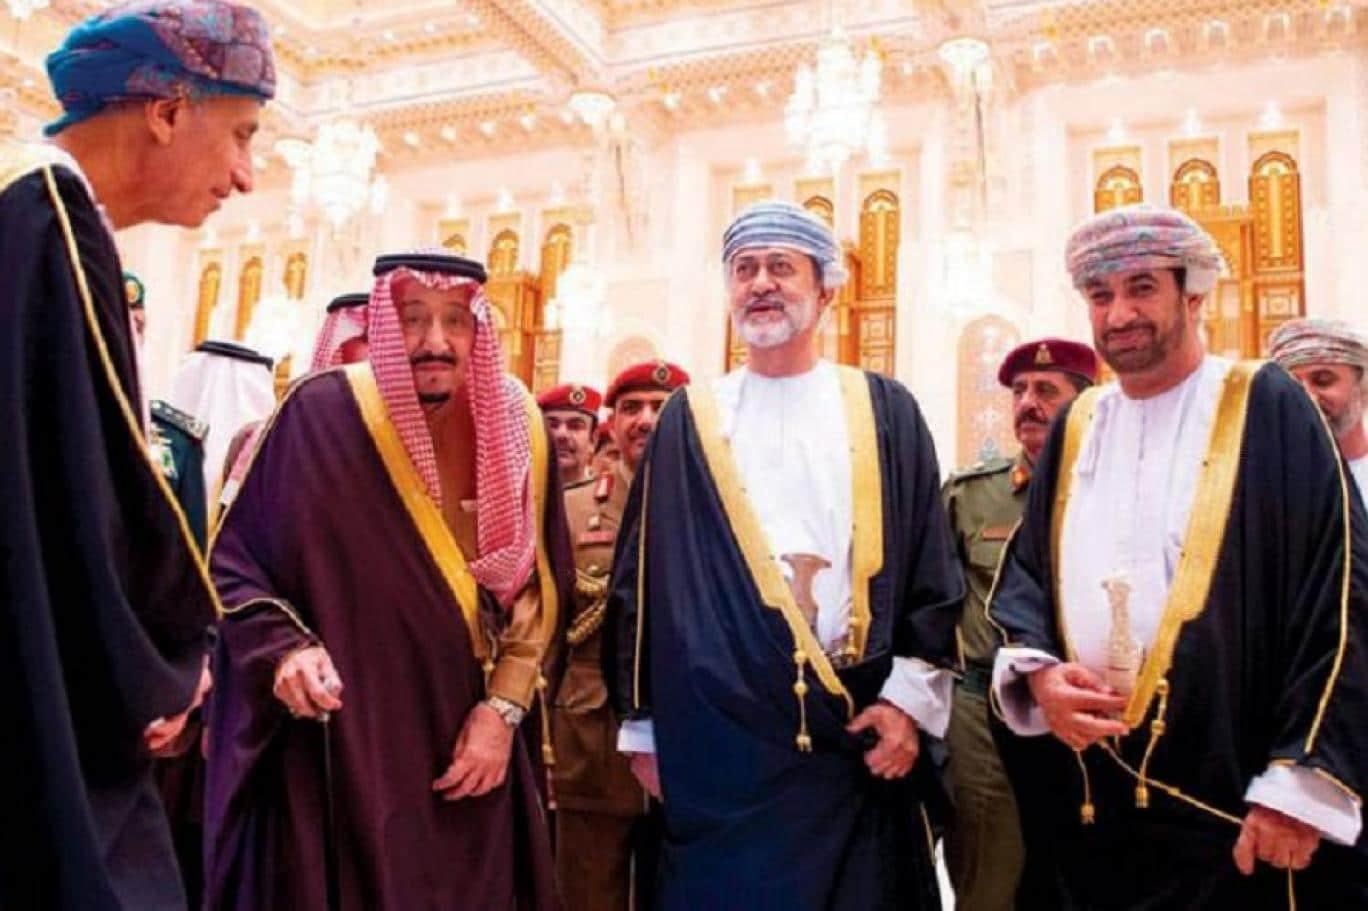 """""""سلطان عمان ضيف الملك سلمان وأغنية أسود العرين"""".. هكذا احتفى سعوديون وعمانيون باللقاء المرتقب"""